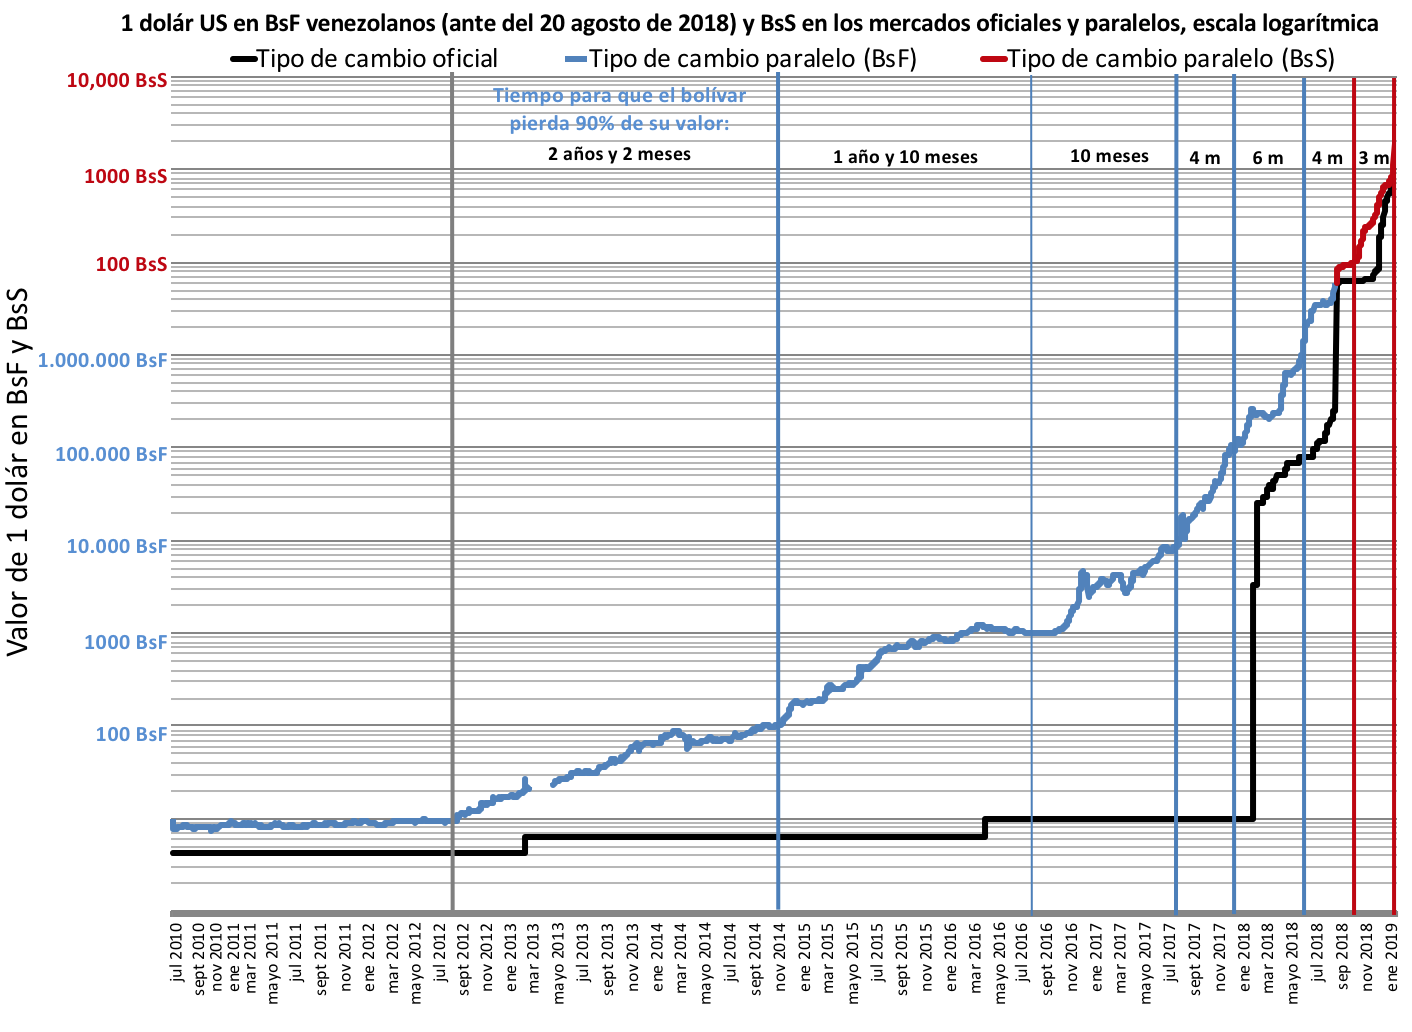 datos-crecimiento-de-inflacion-en-venezuela